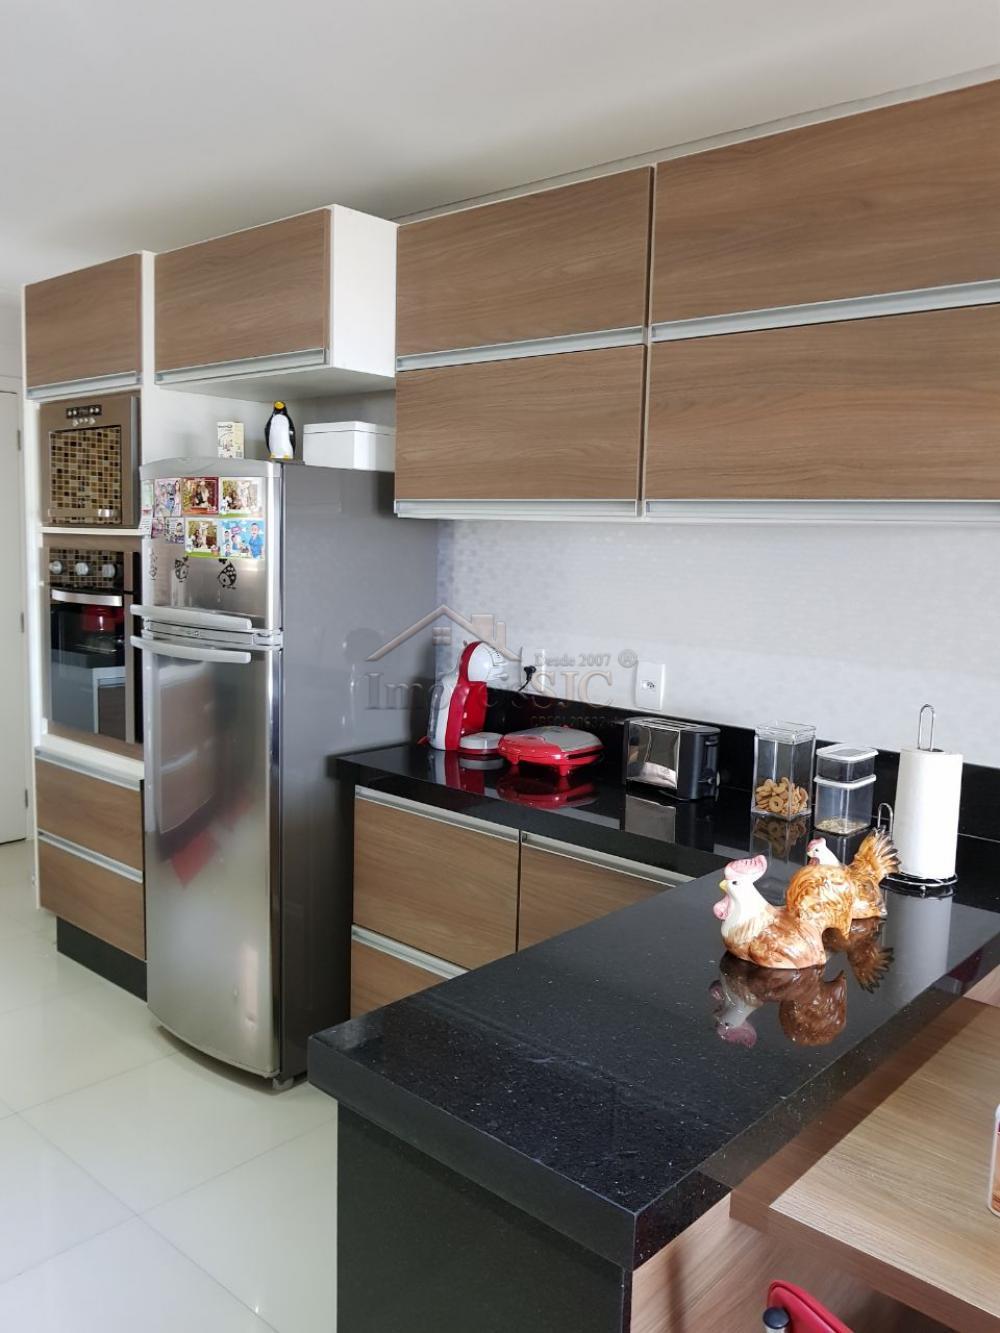 Comprar Apartamentos / Padrão em São José dos Campos apenas R$ 1.450.000,00 - Foto 9